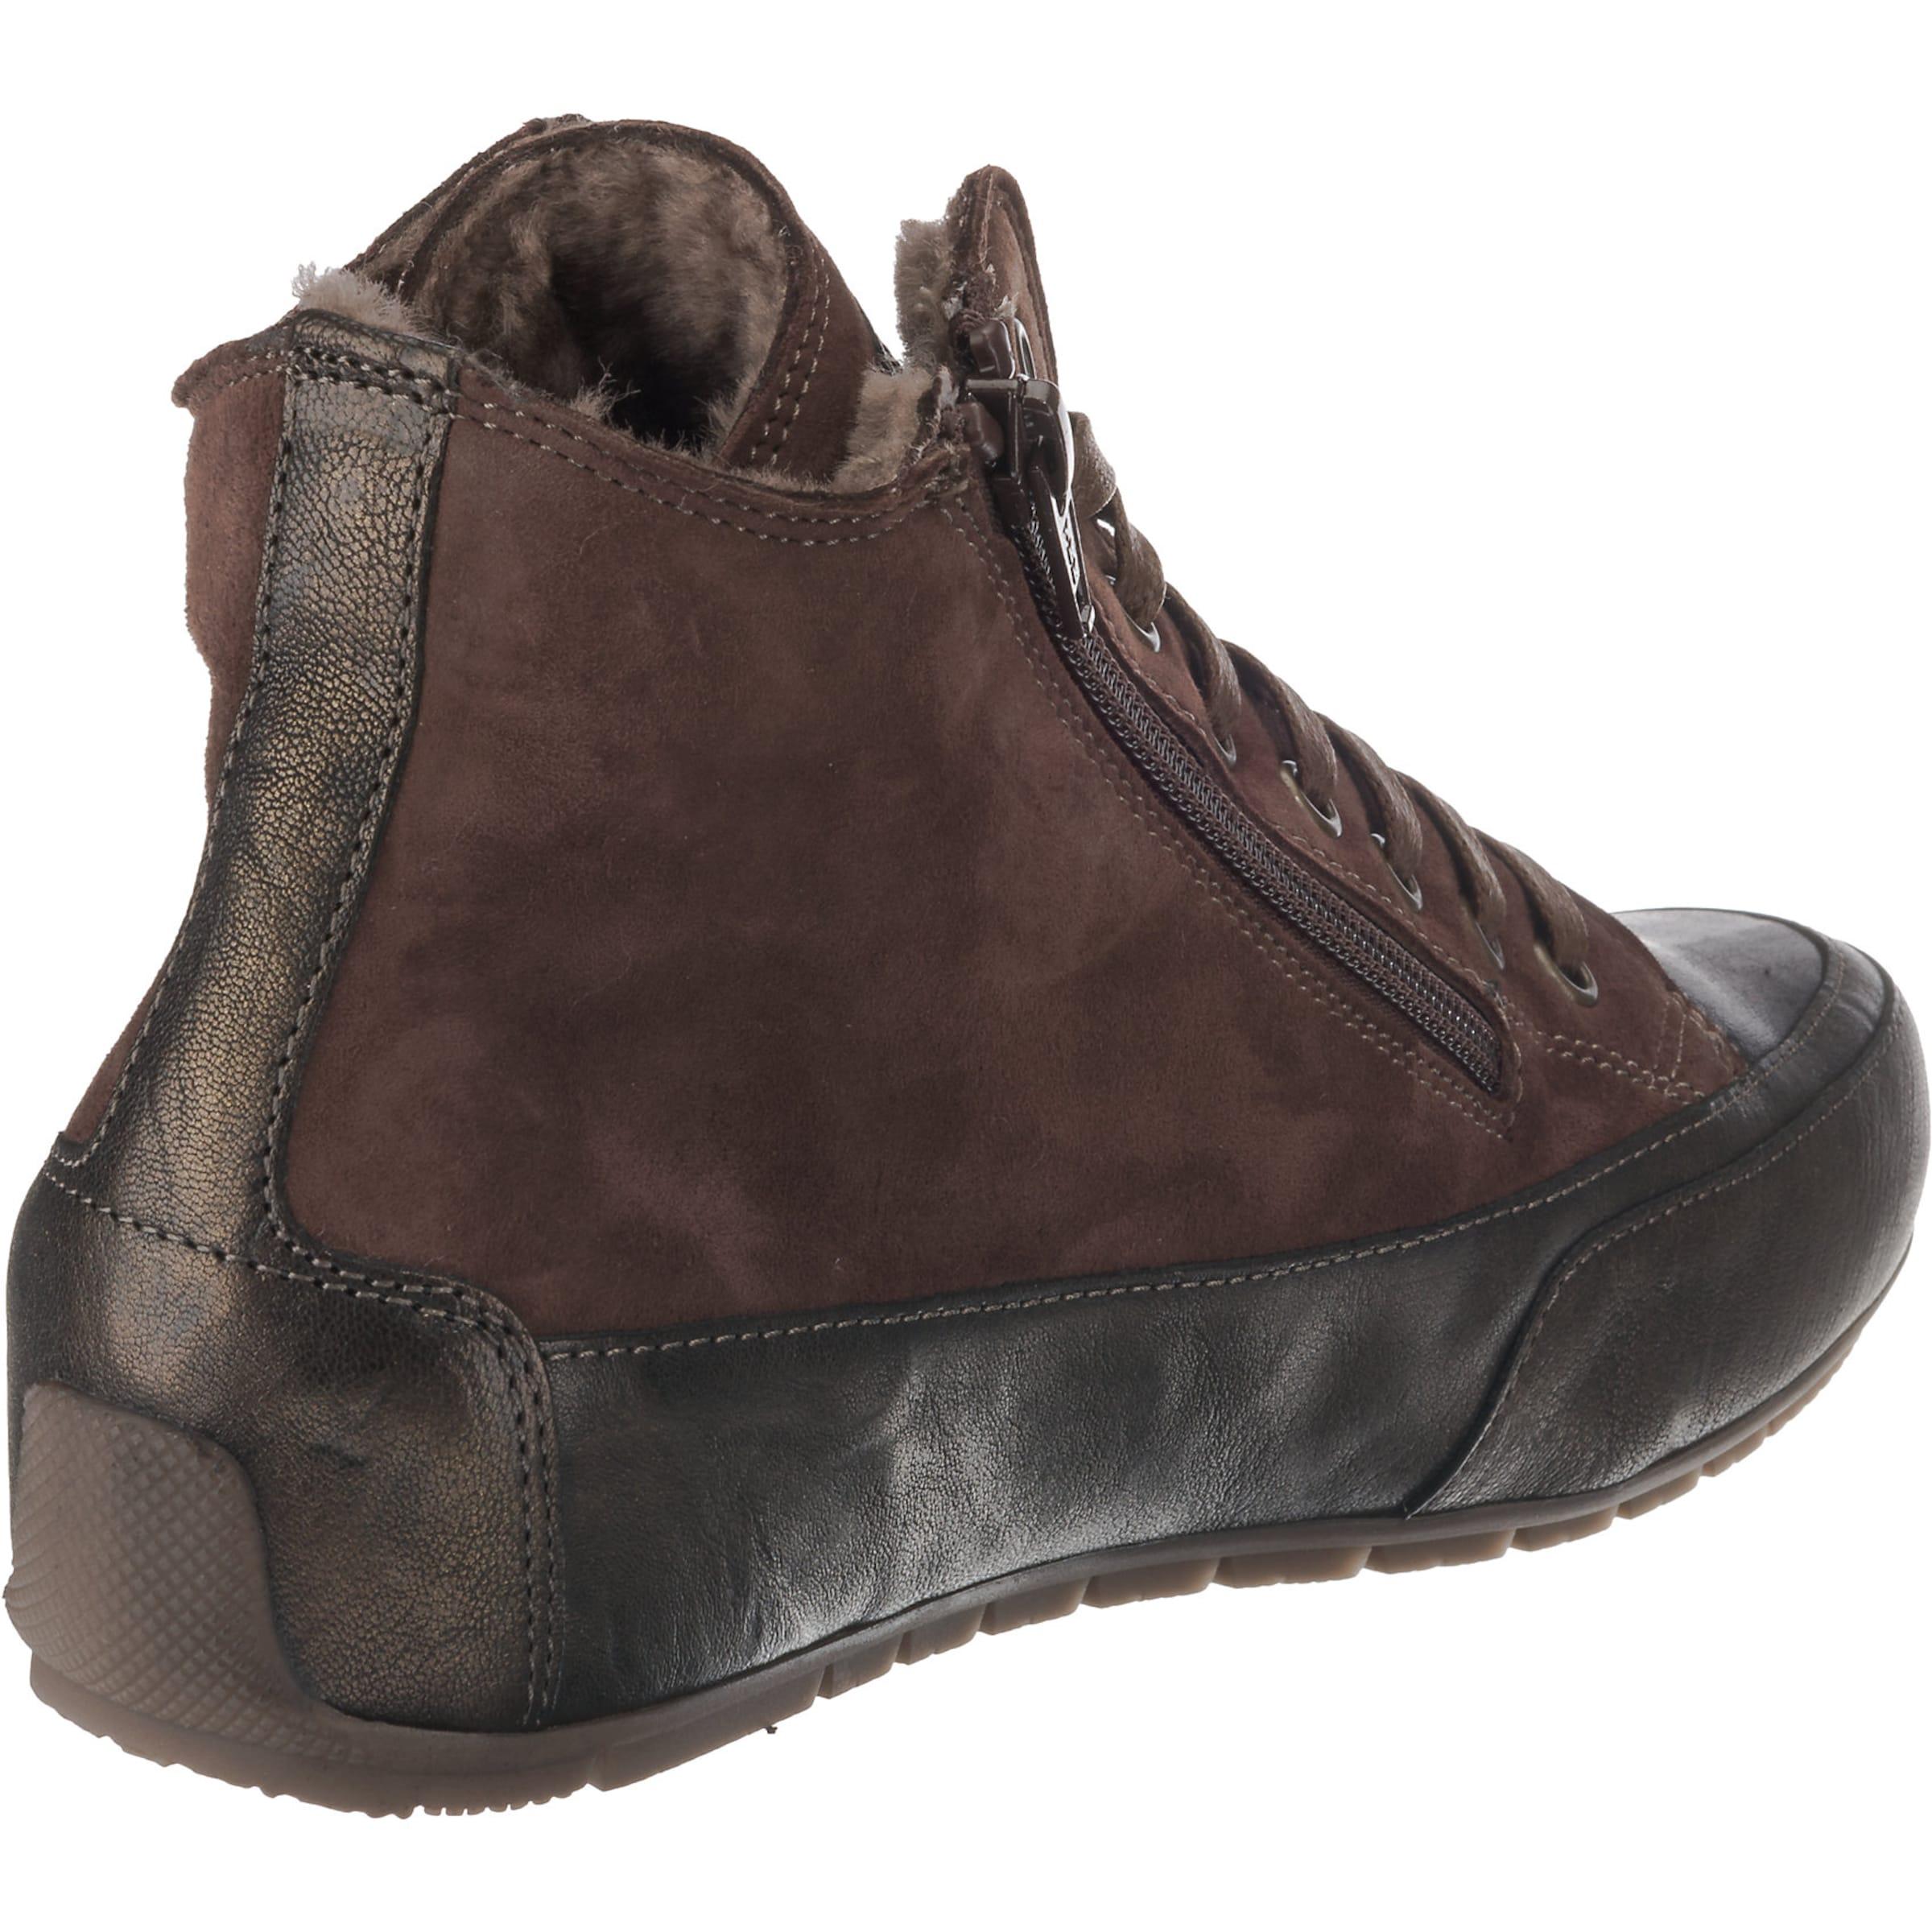 Cooper SchokoDunkelbraun Sneakers In Sneakers Cooper Candice Candice XZklwOPiuT